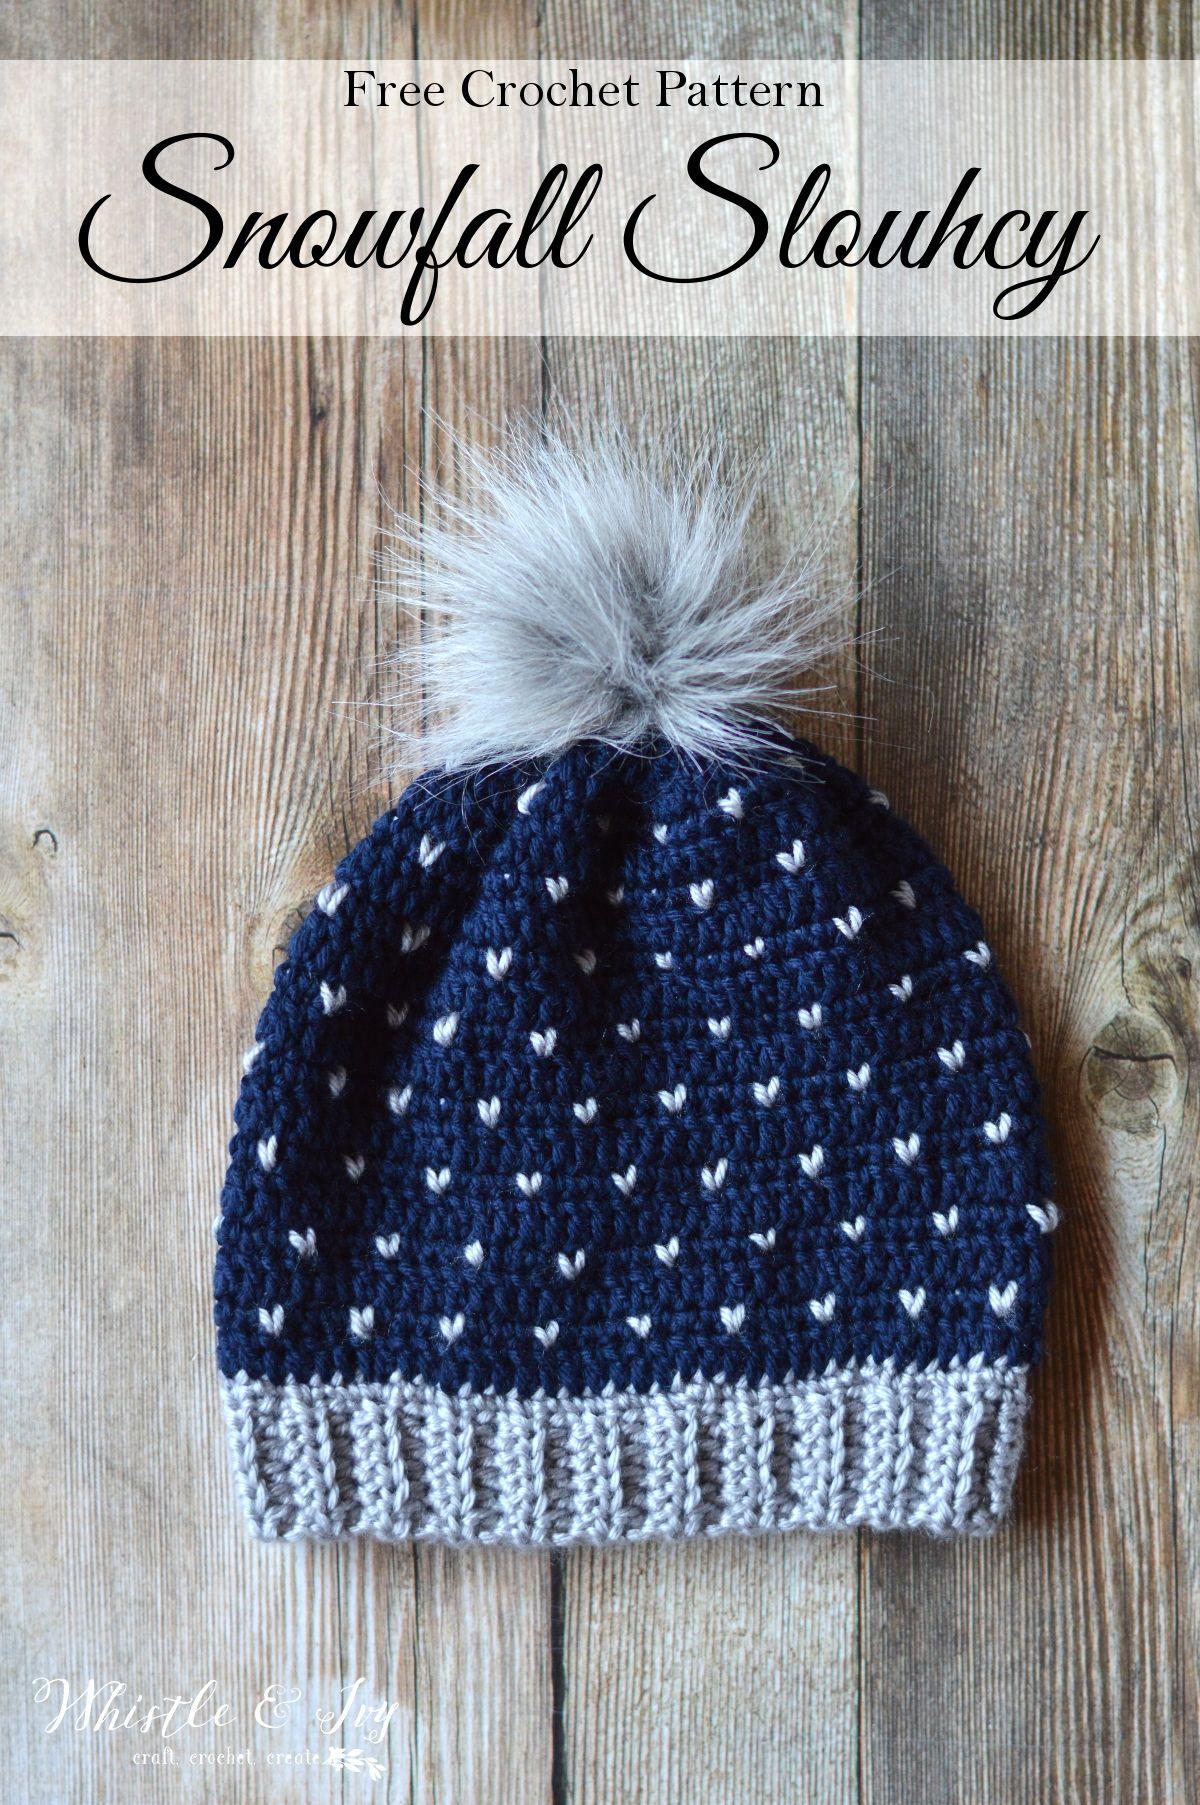 Crochet Snowfall Slouchy Hat | Mütze, Häkeln und Stricken